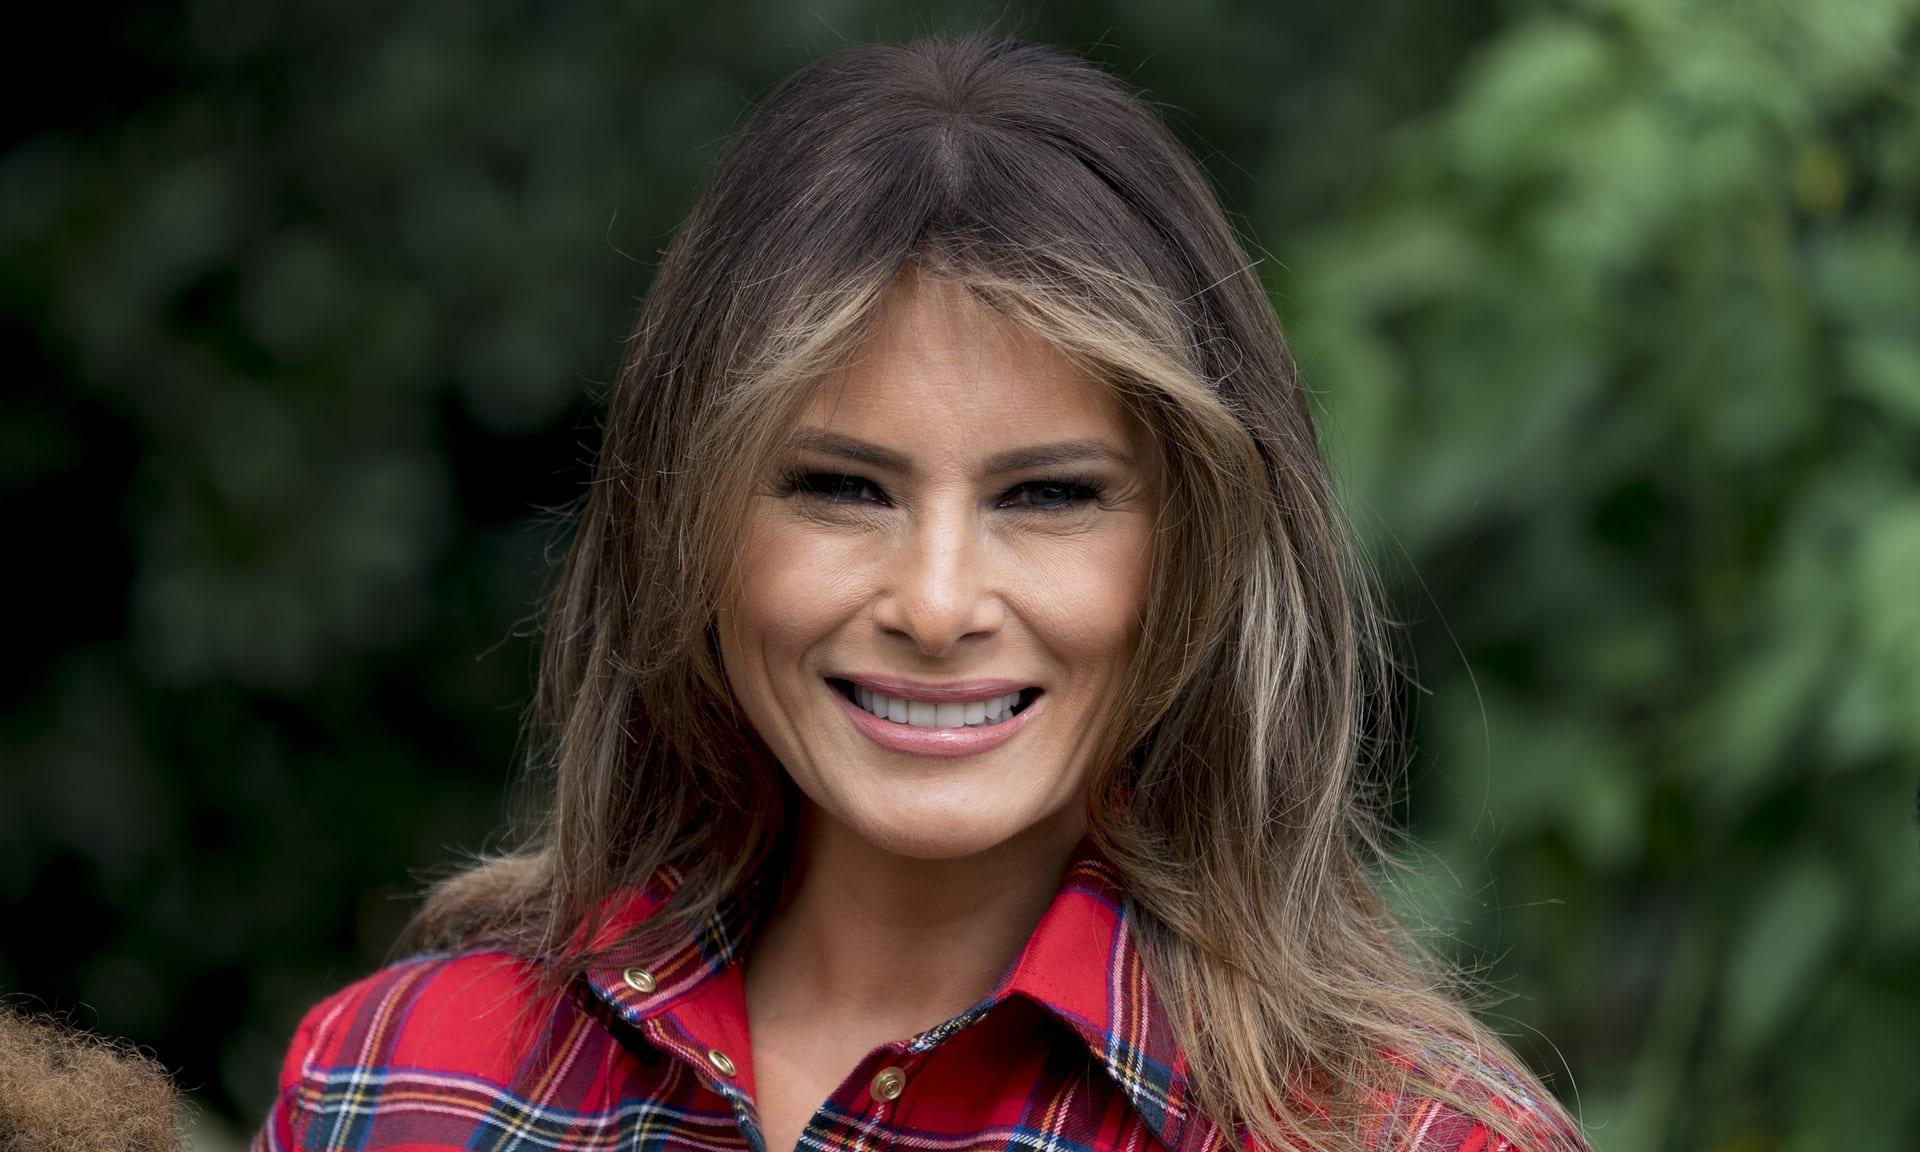 ميلانيا زوجة الرئيس الأمريكي دونالد ترامب